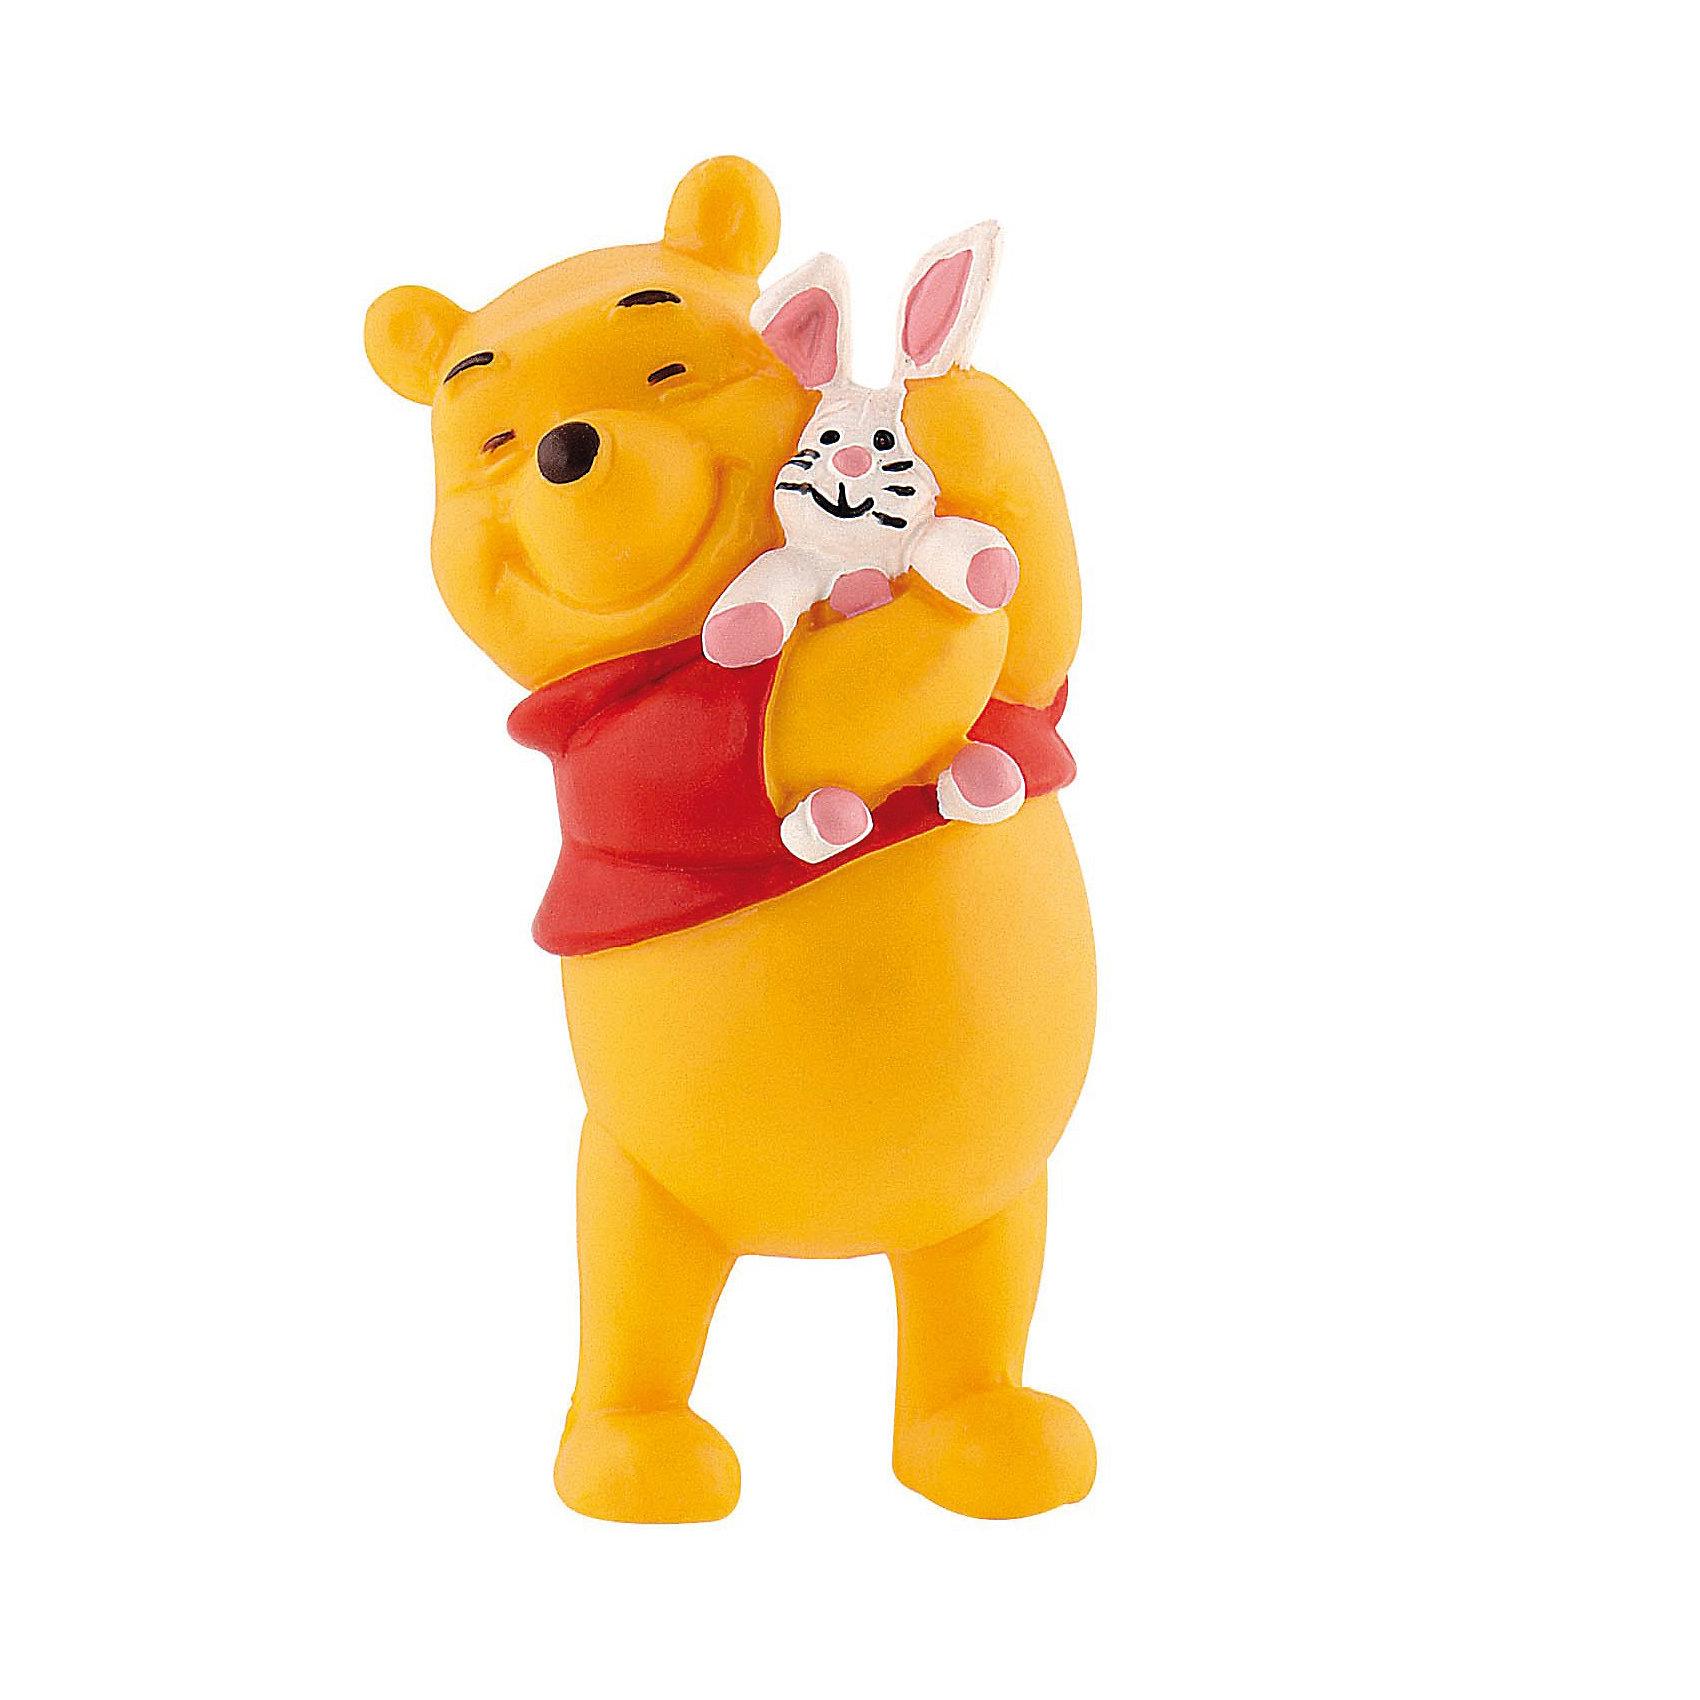 Фигурка Винни и кролик, Винни Пух